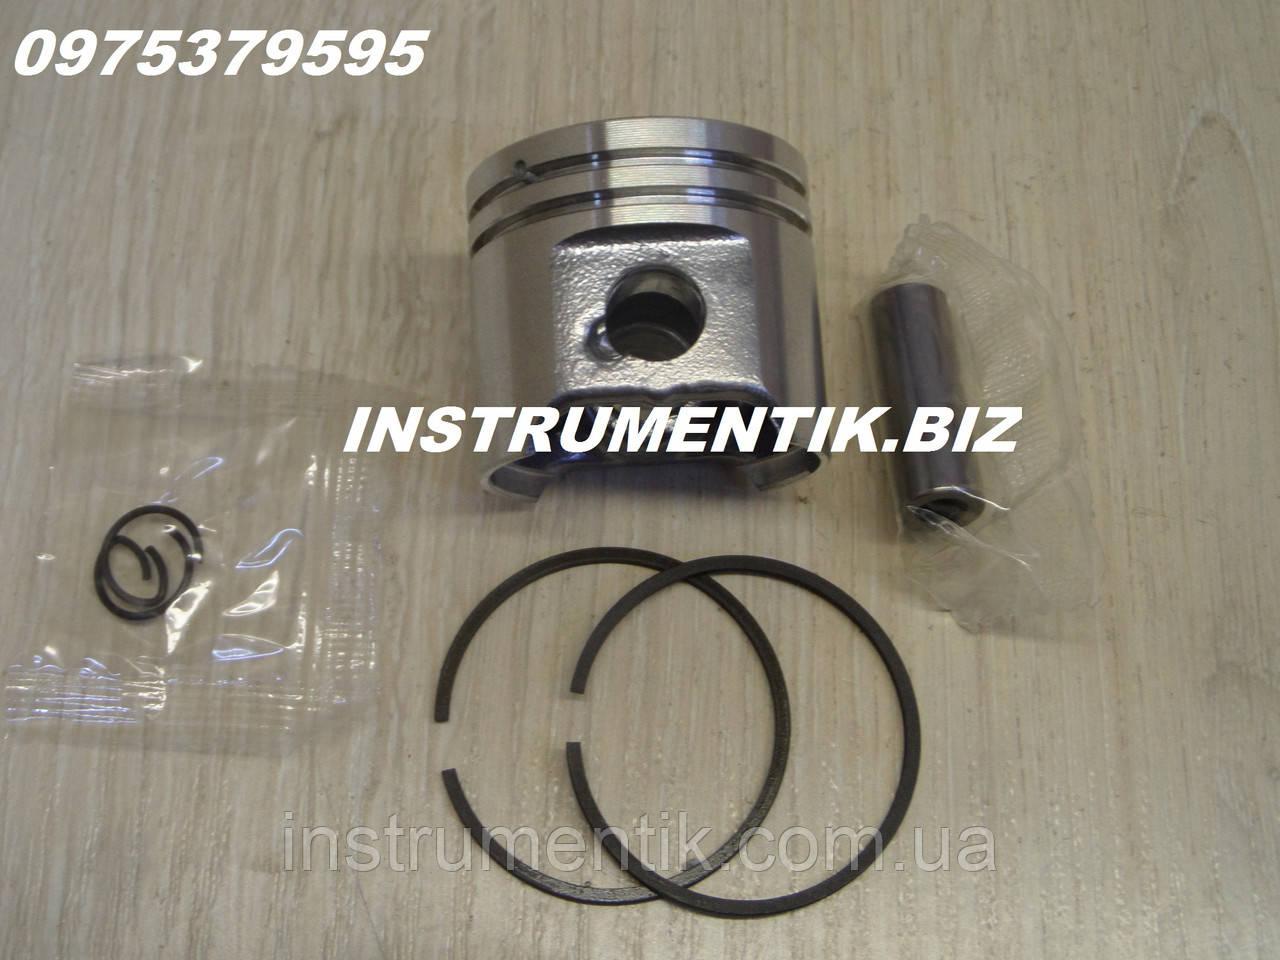 Поршень Winzor для мотокоси Stihl FS 220